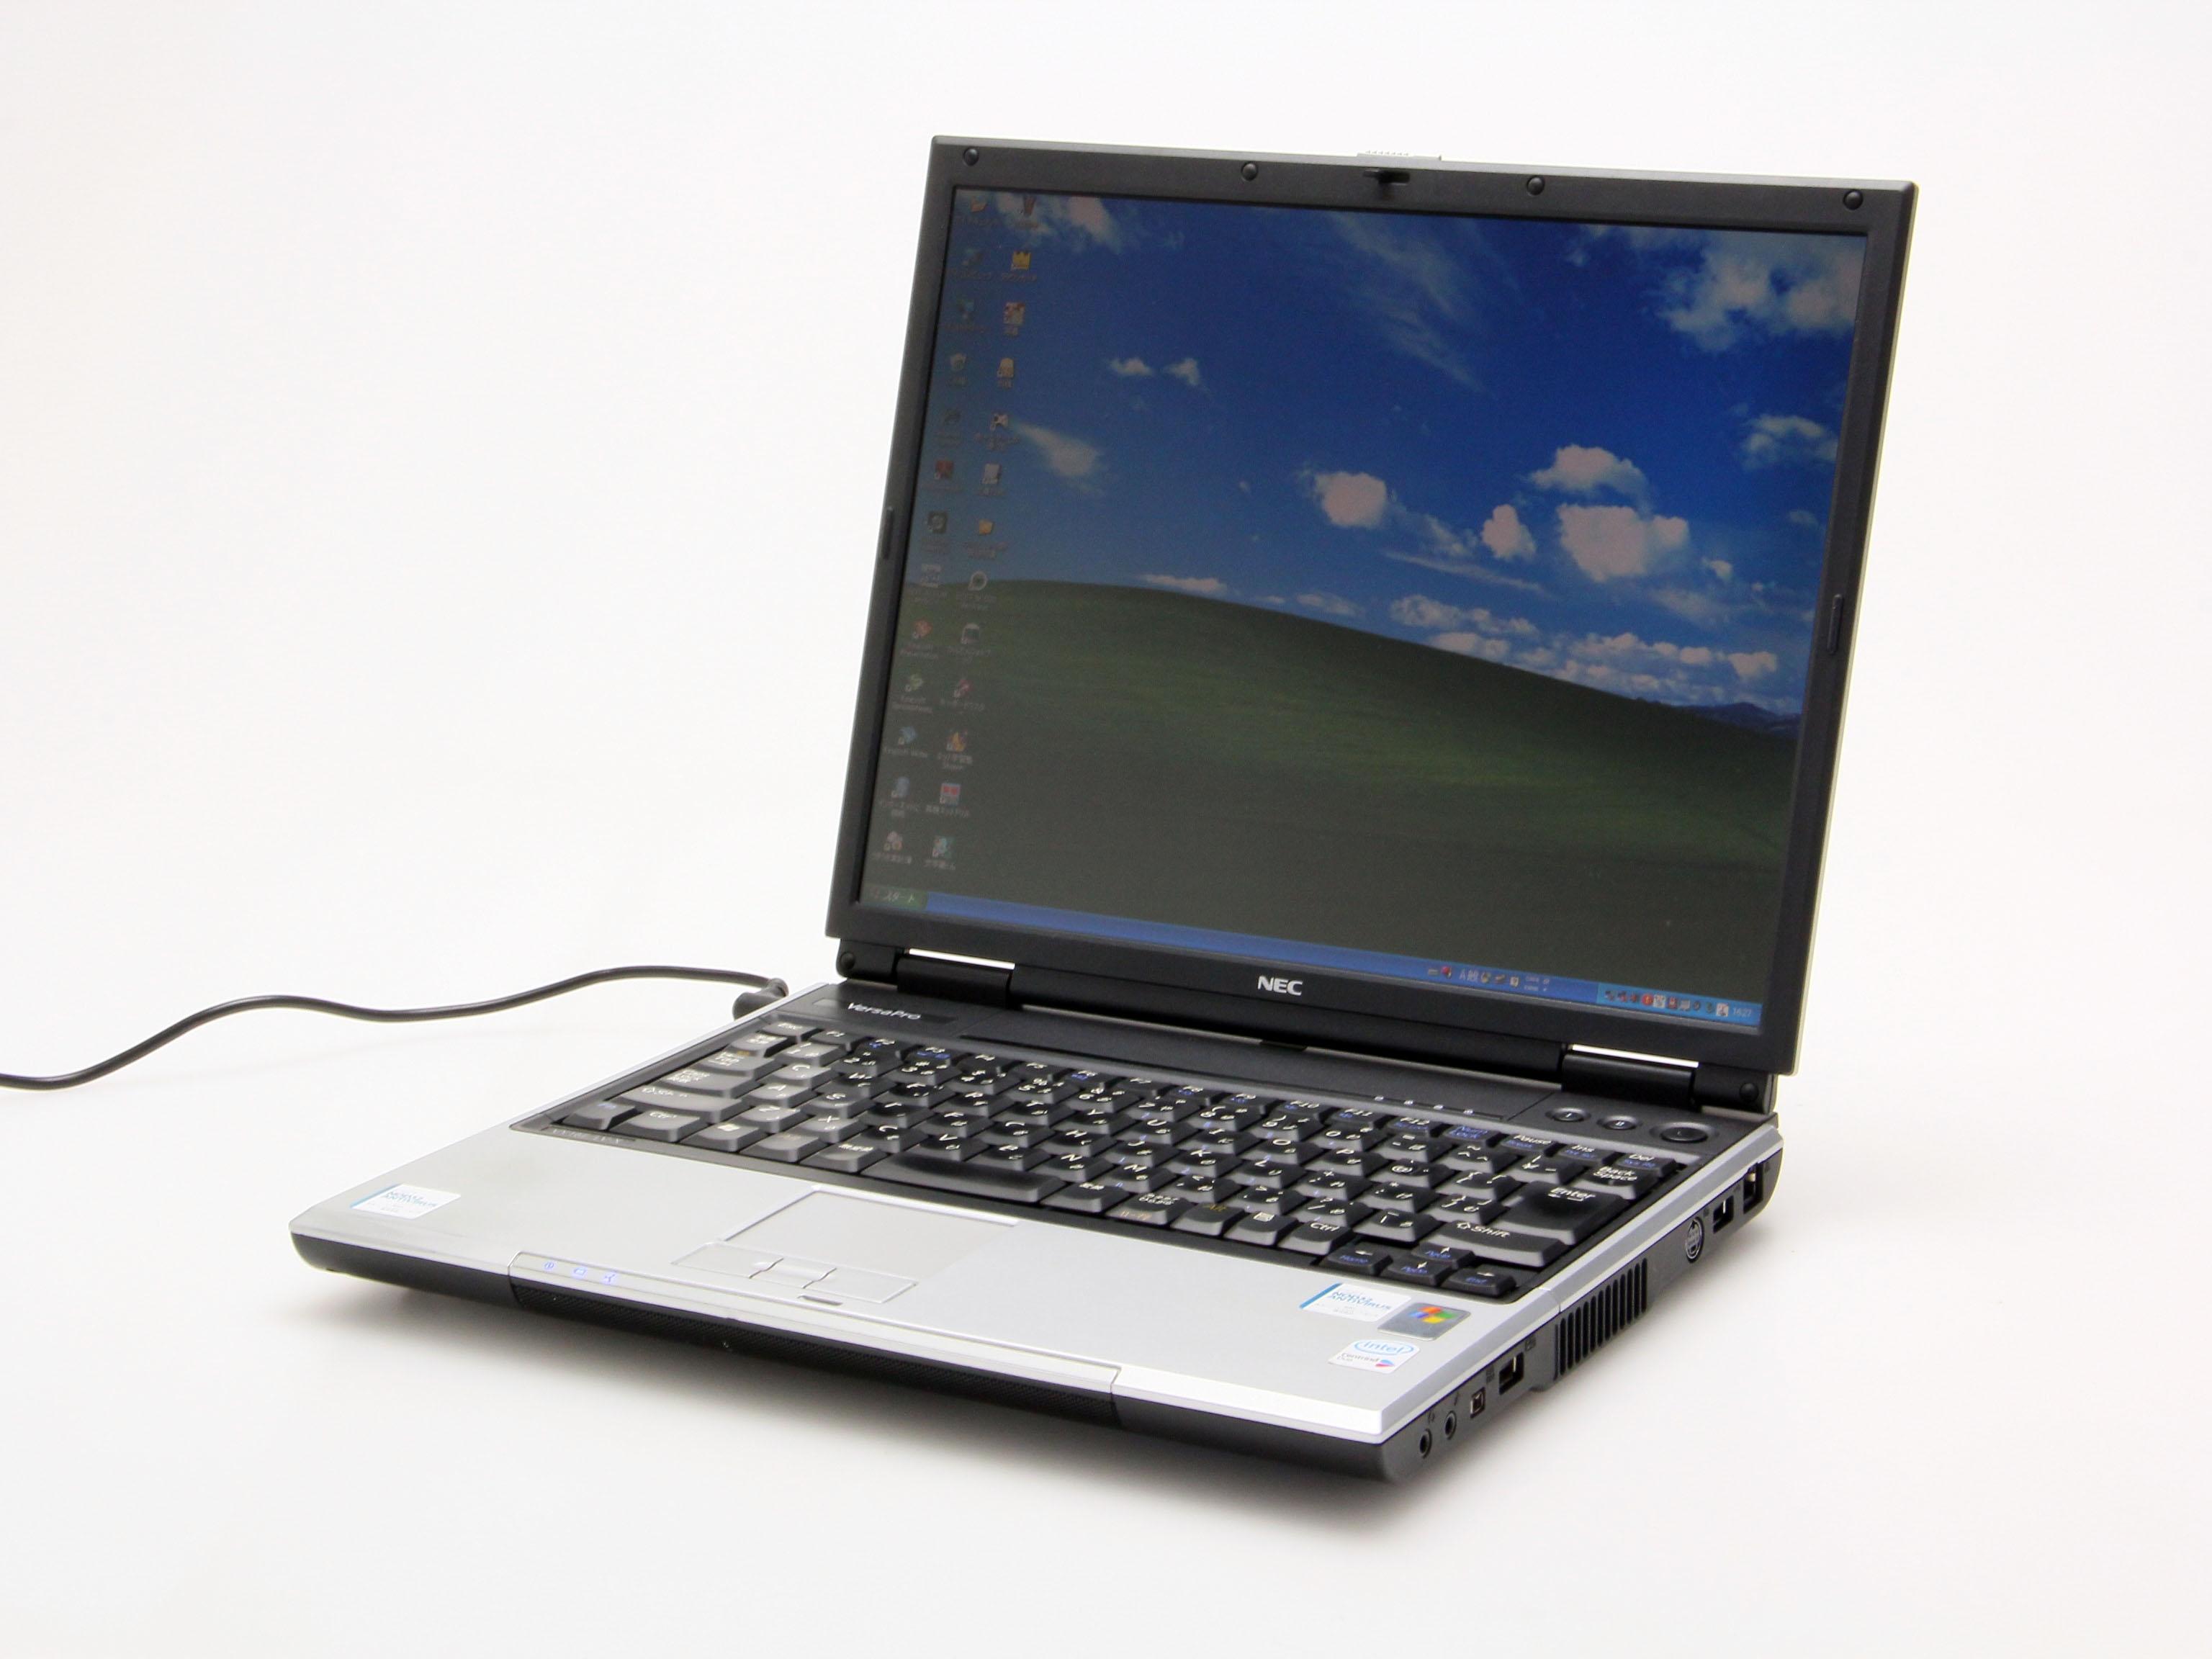 訳有品】 NEC Versapro VY16E/LV-X 【訳有品】 CPU:Core Duo 1.60GHz